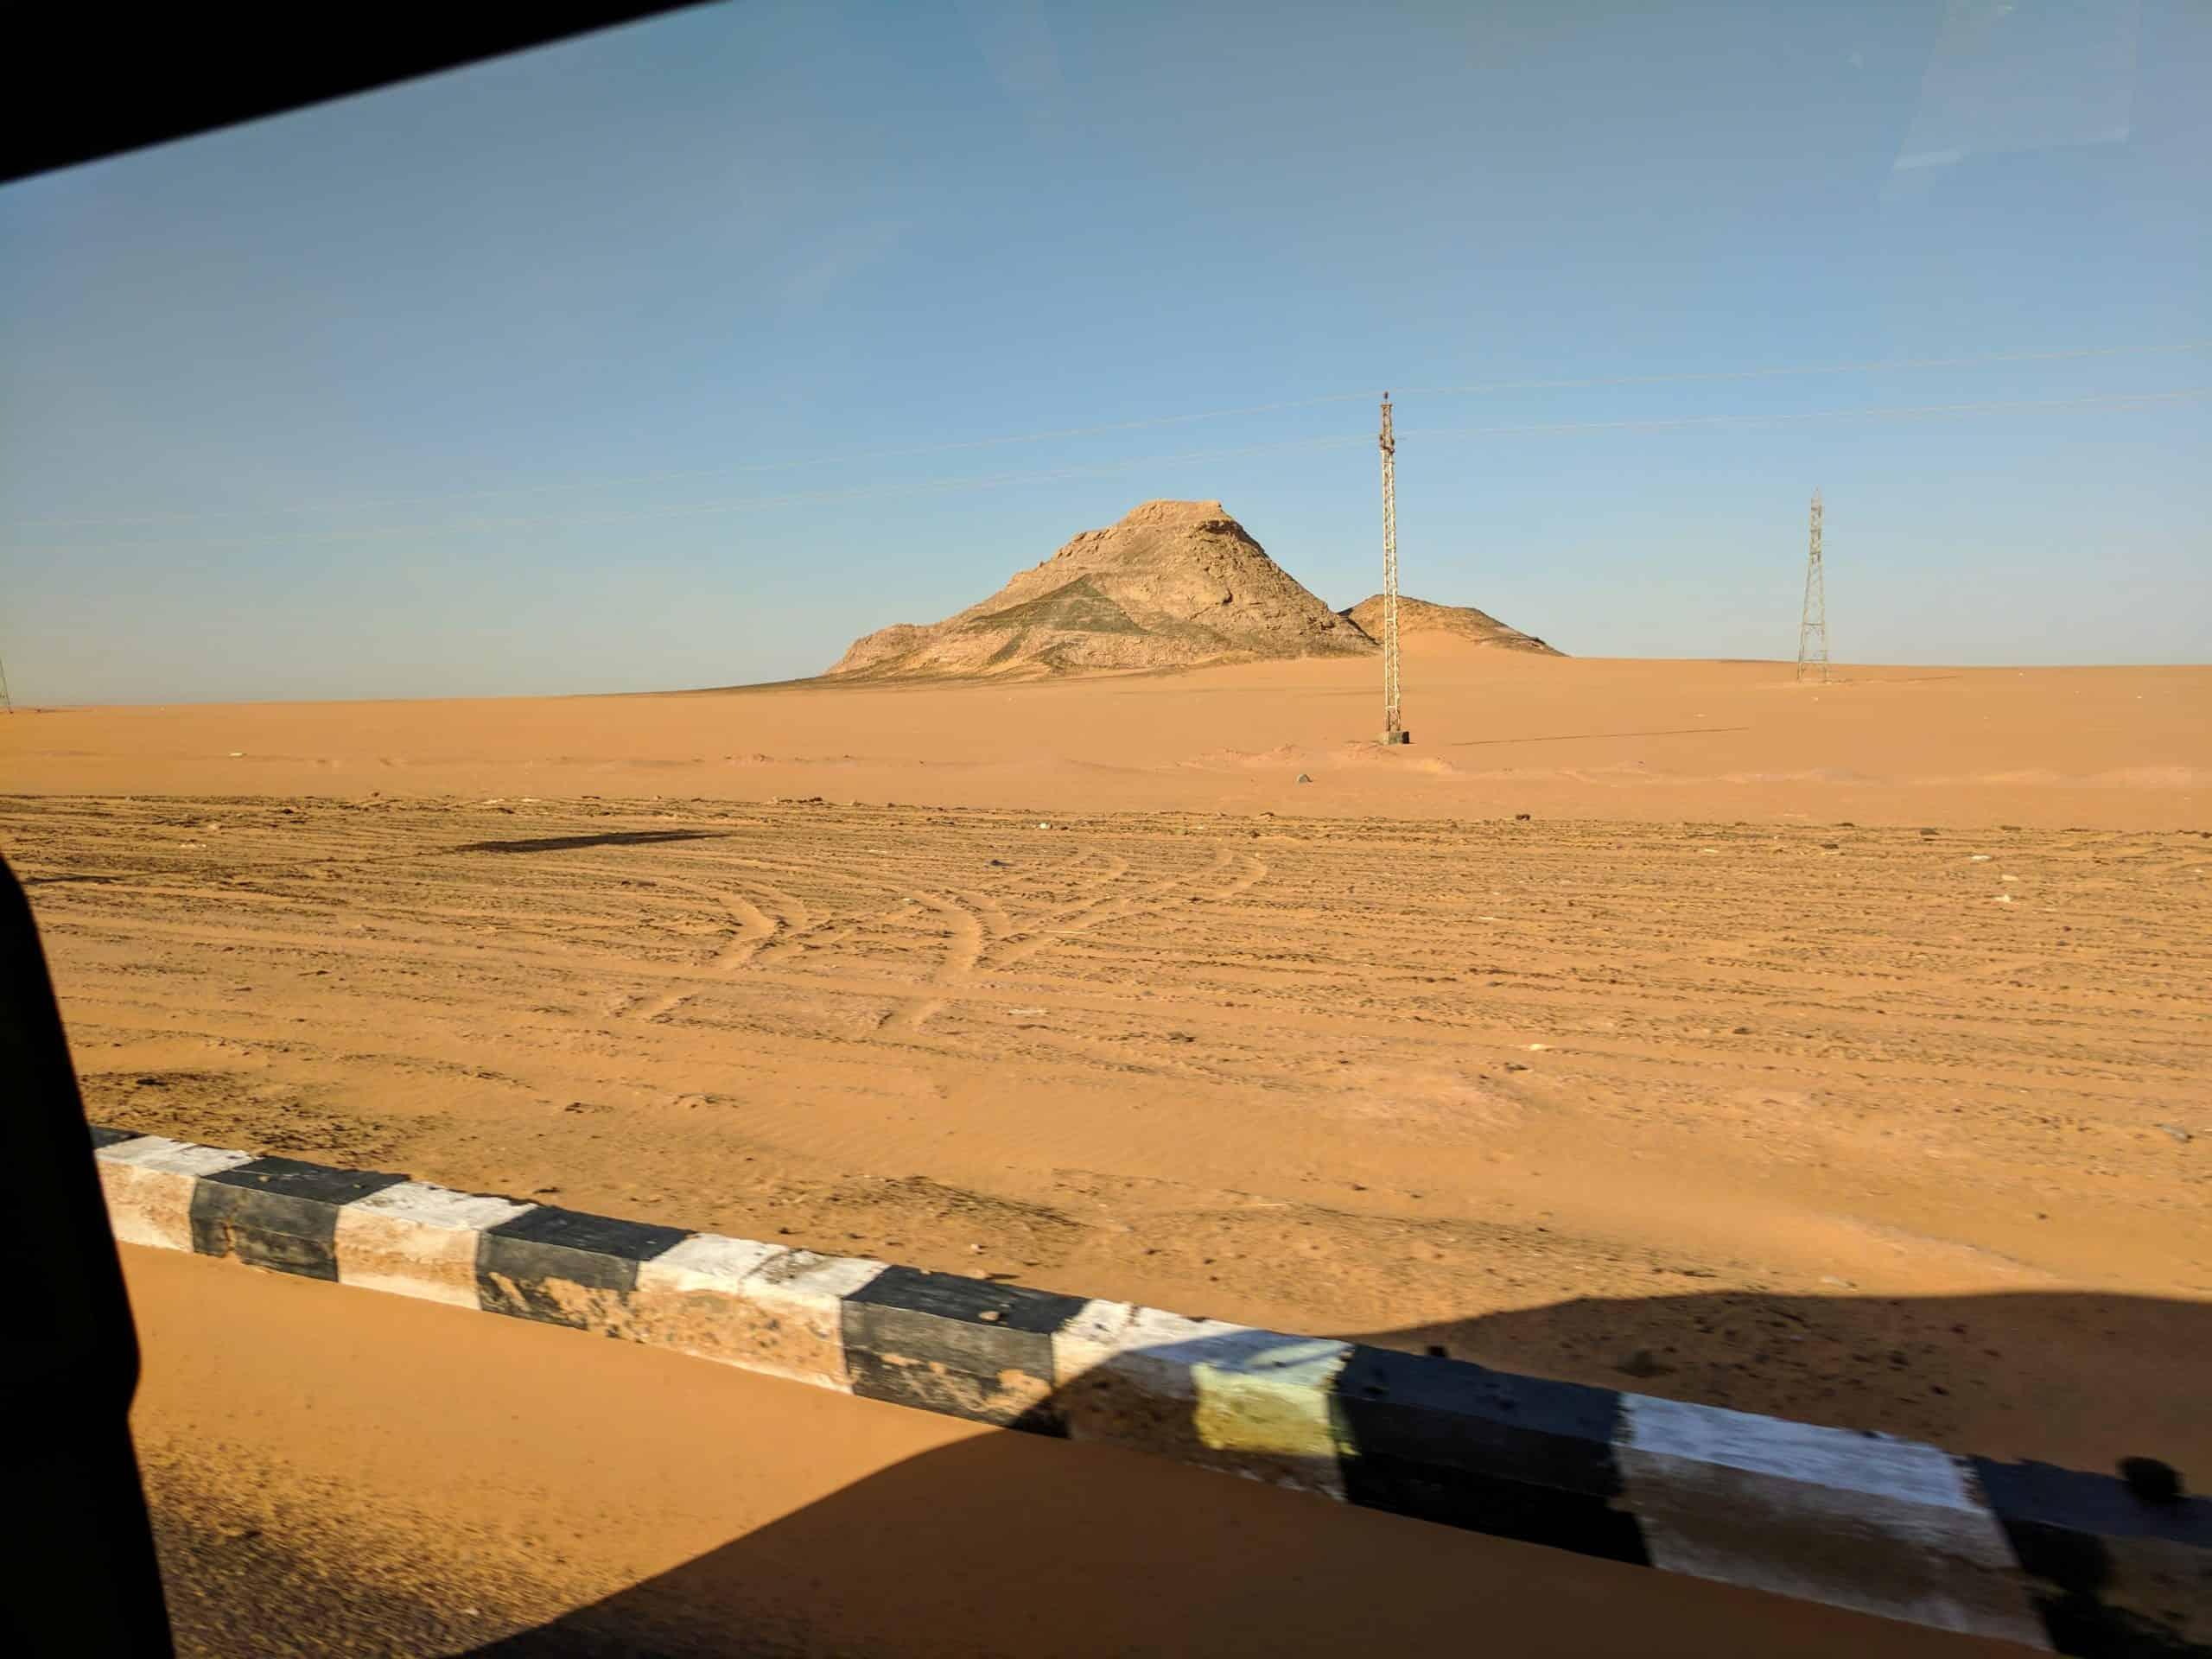 Estrada a caminho de Abu Simbel